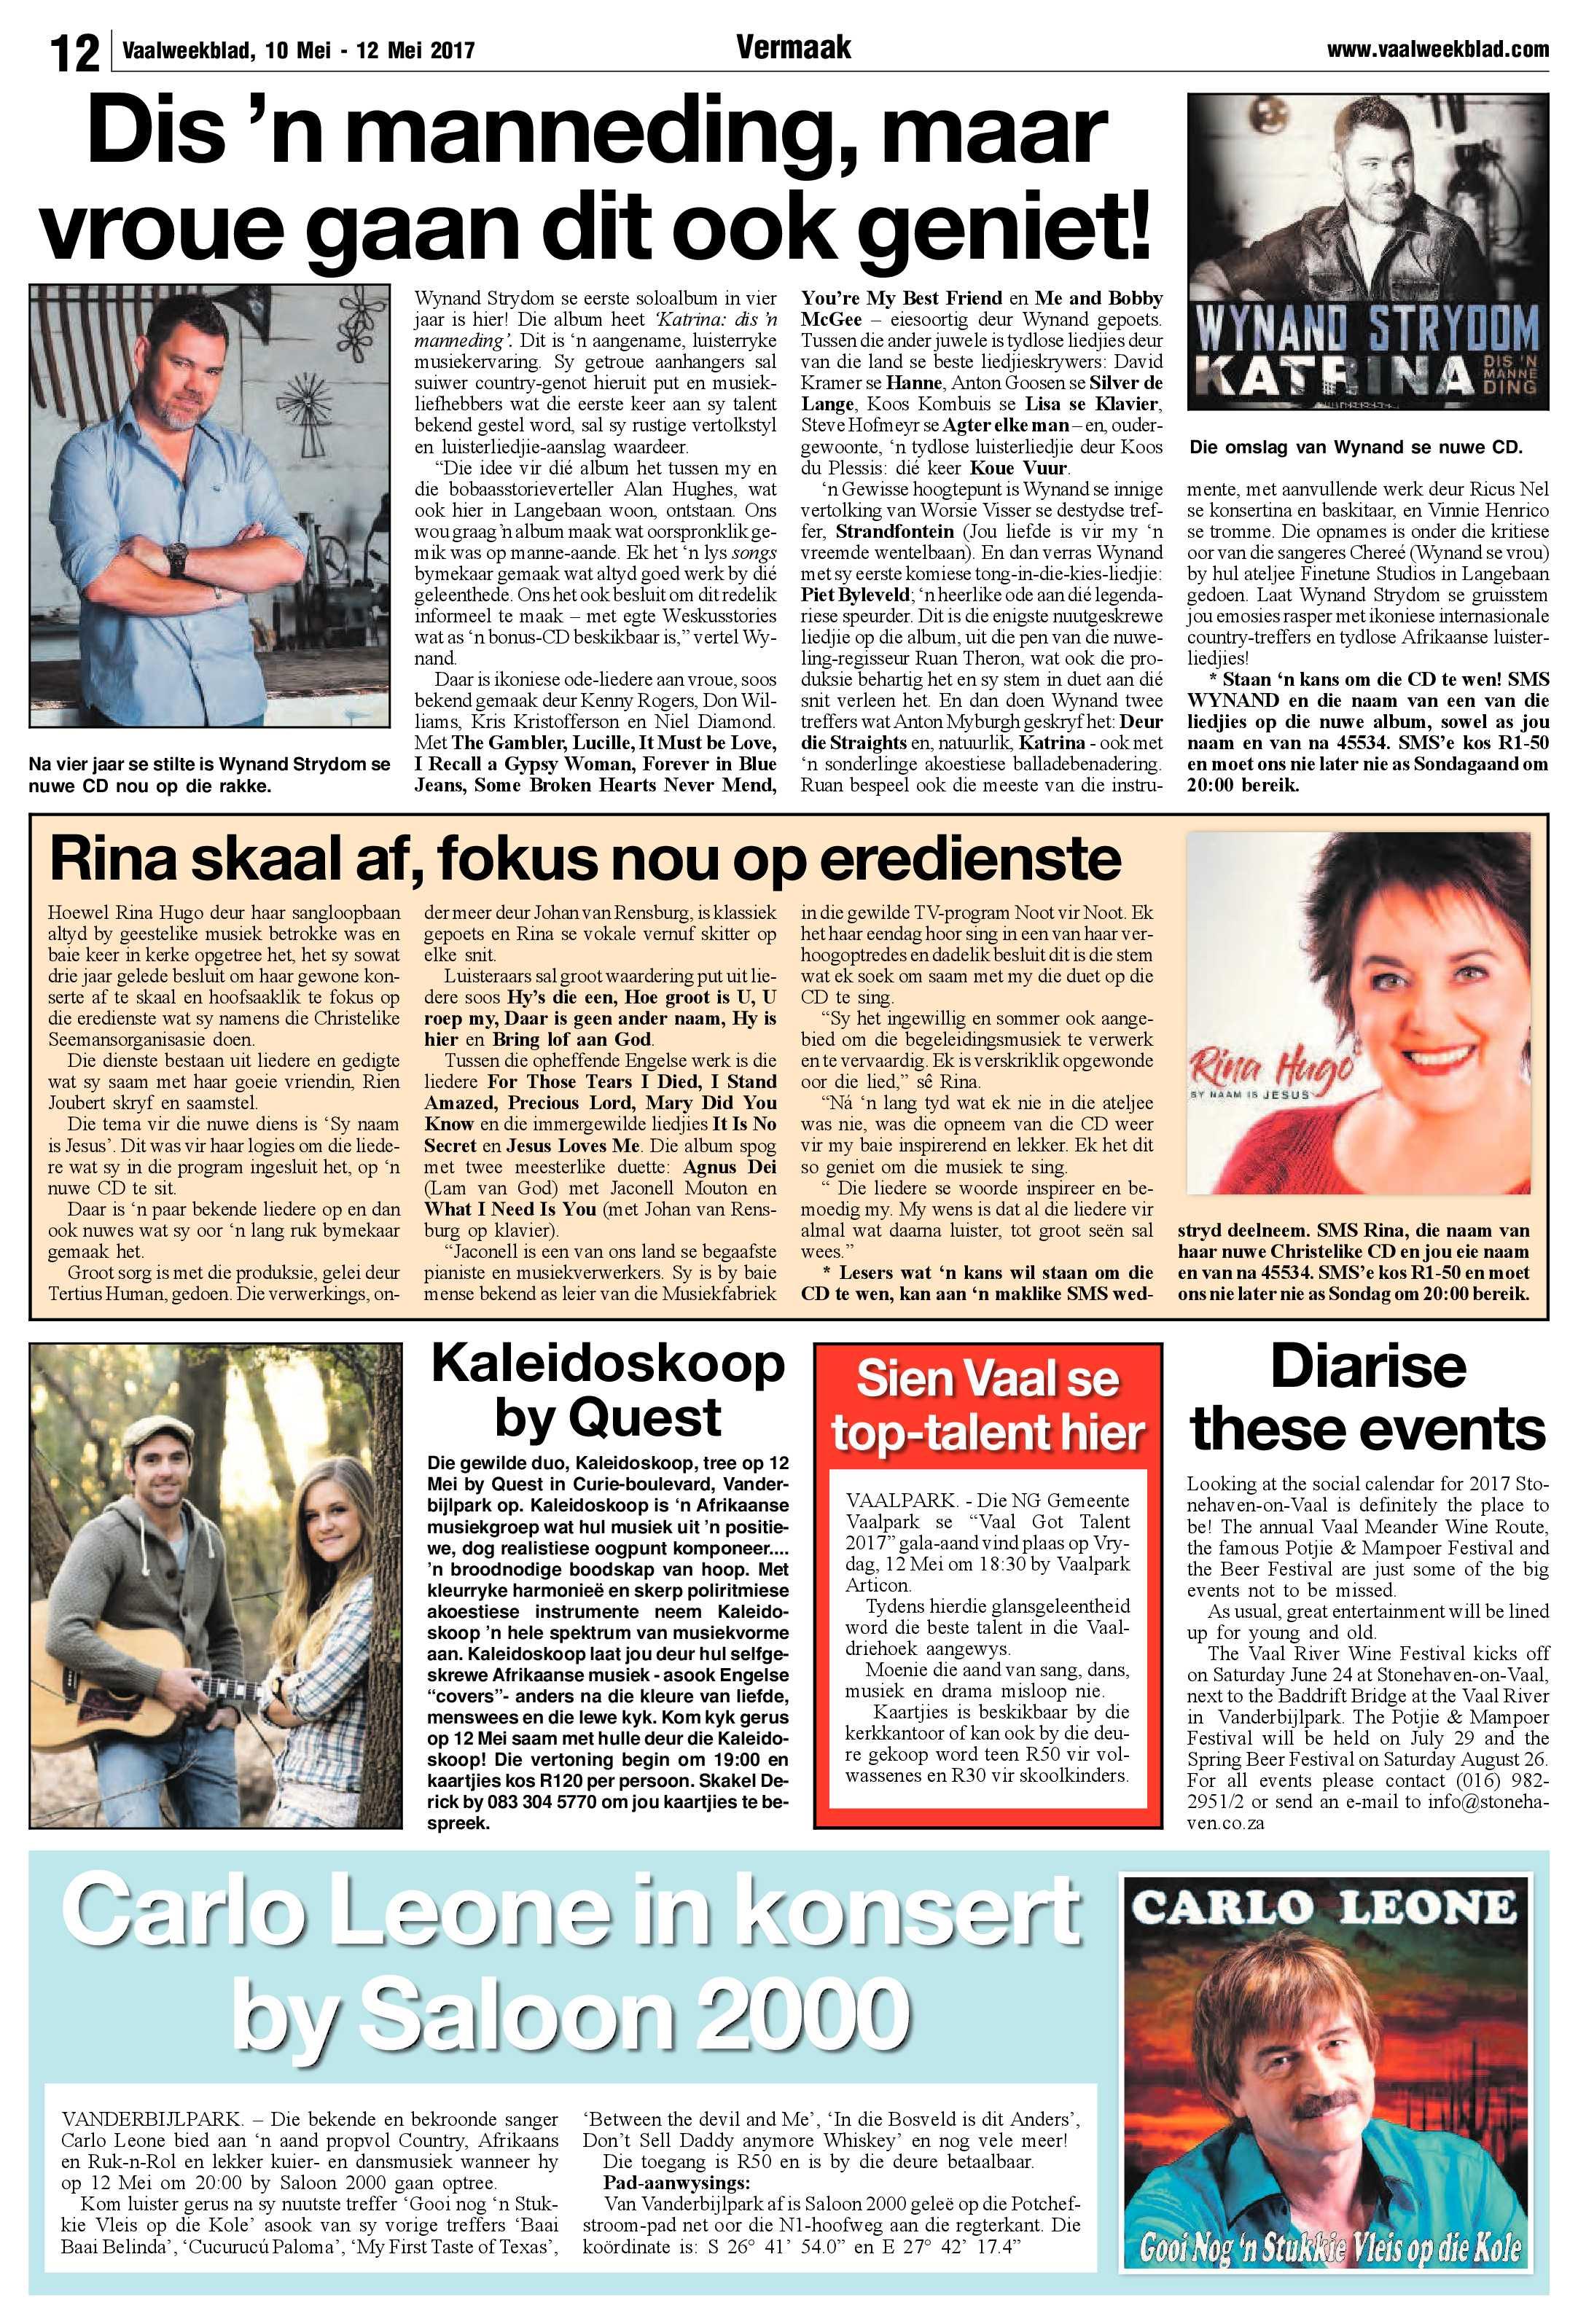 vaalweekblad-10-12-mei-2017-epapers-page-12